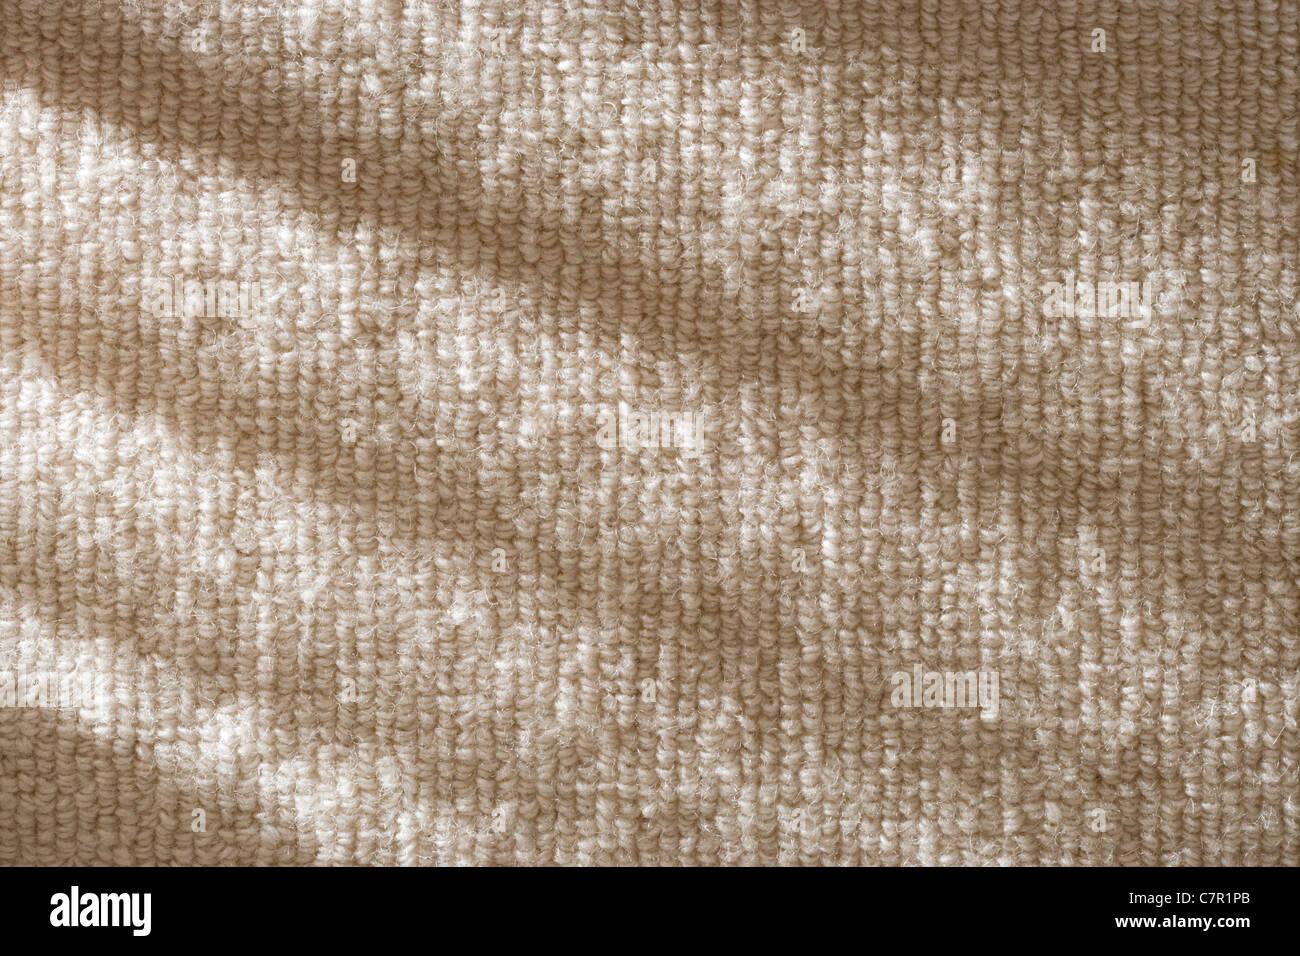 Teppich in der Nähe. Stockbild